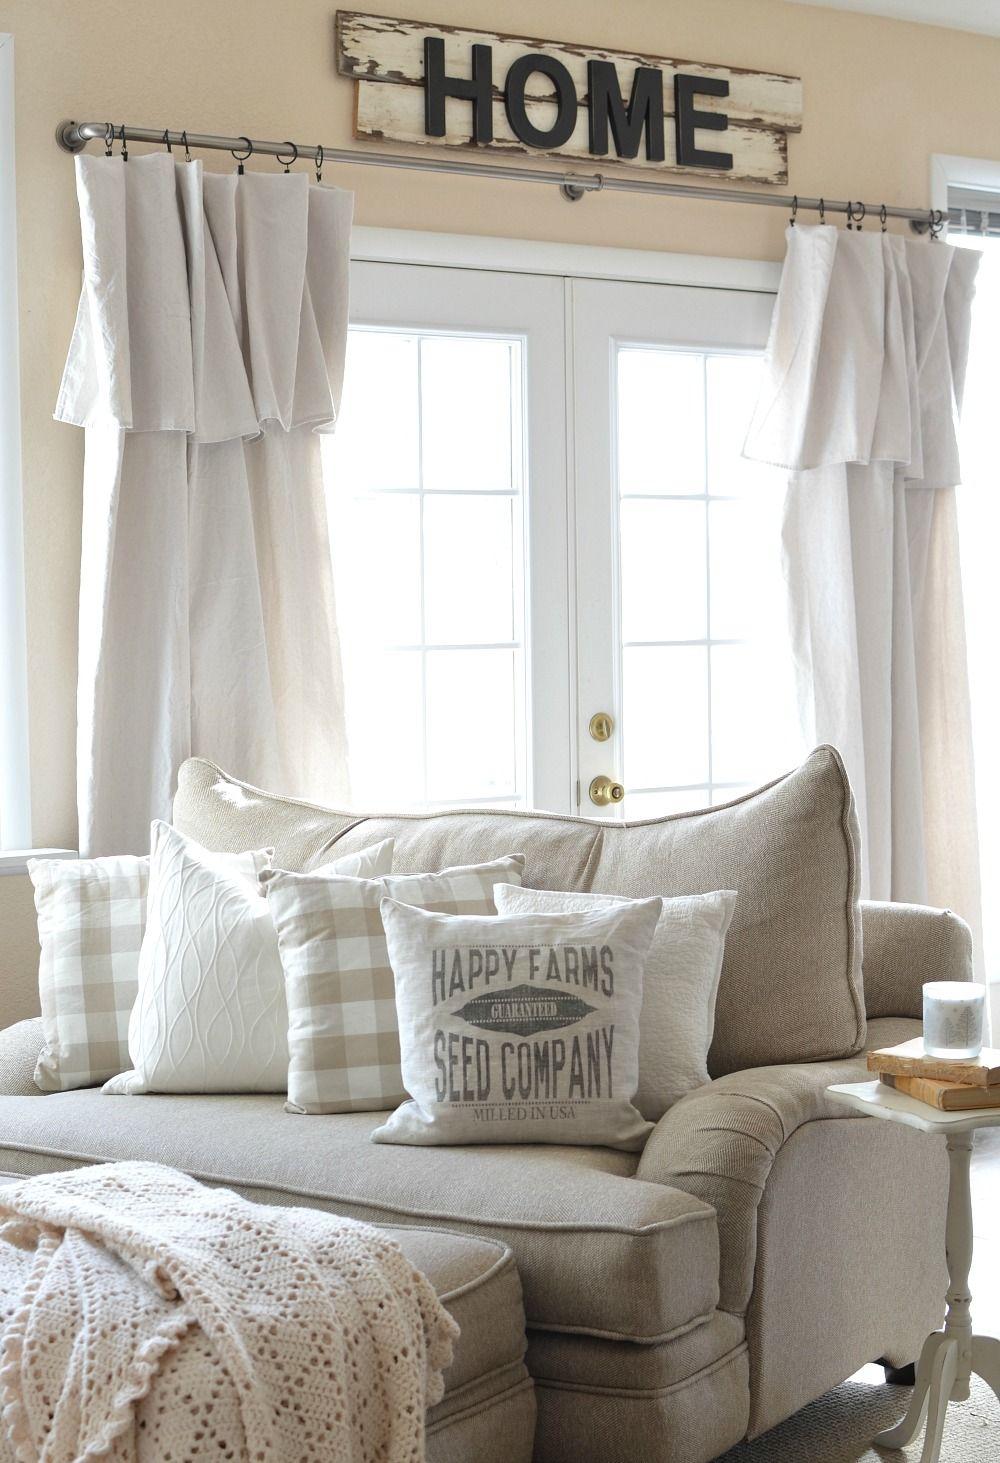 farmhouse decor and pillowhappy farm seed company pillow la decoracin de estilo casa de